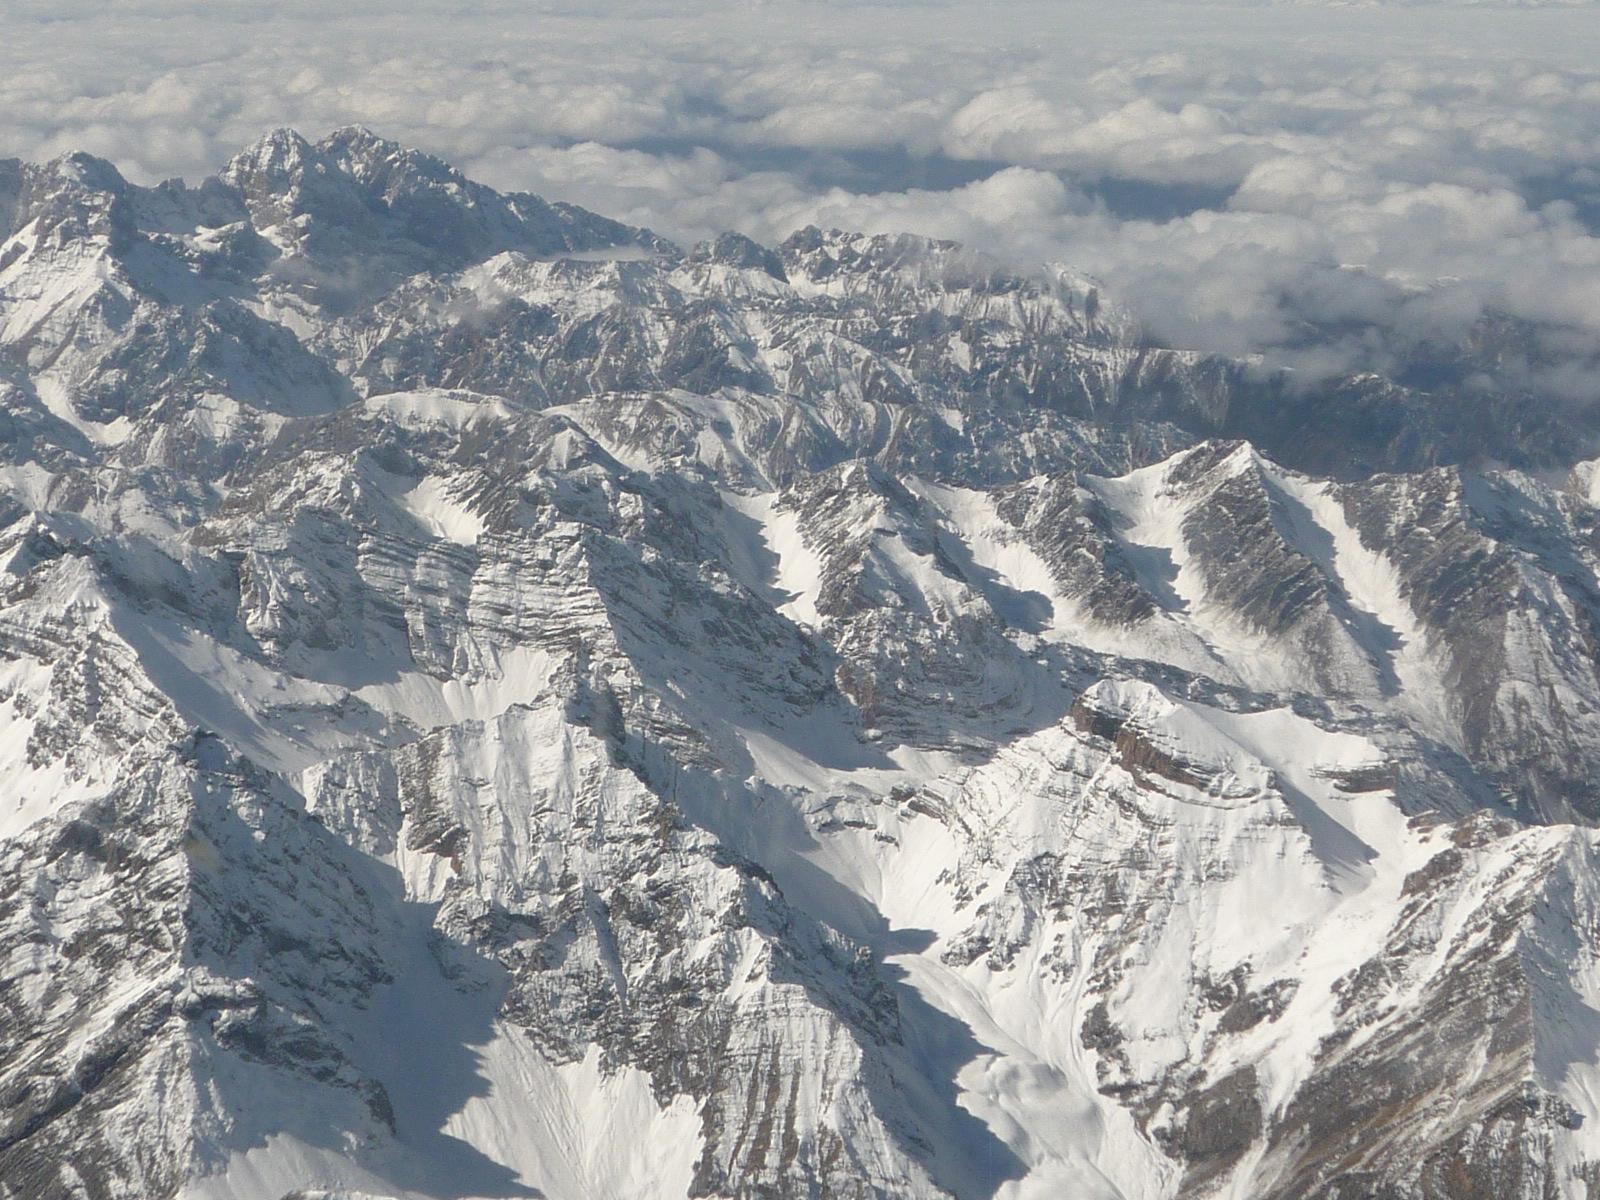 (从飞机舷窗看到的雪山)